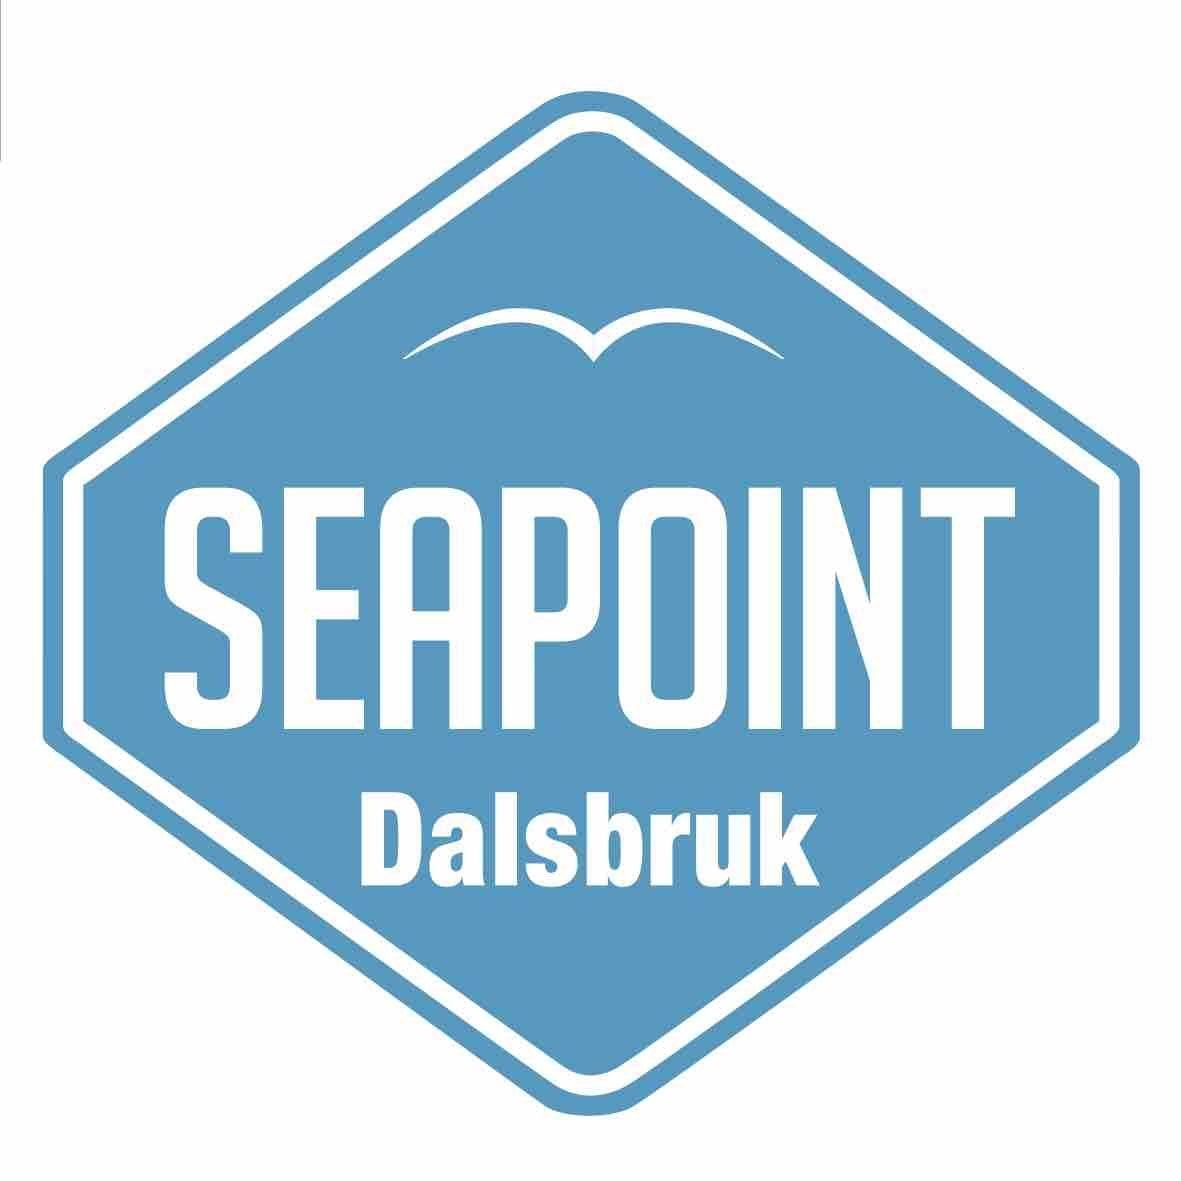 100€ lahjakortti Seapoint Dalsbruk asemalle